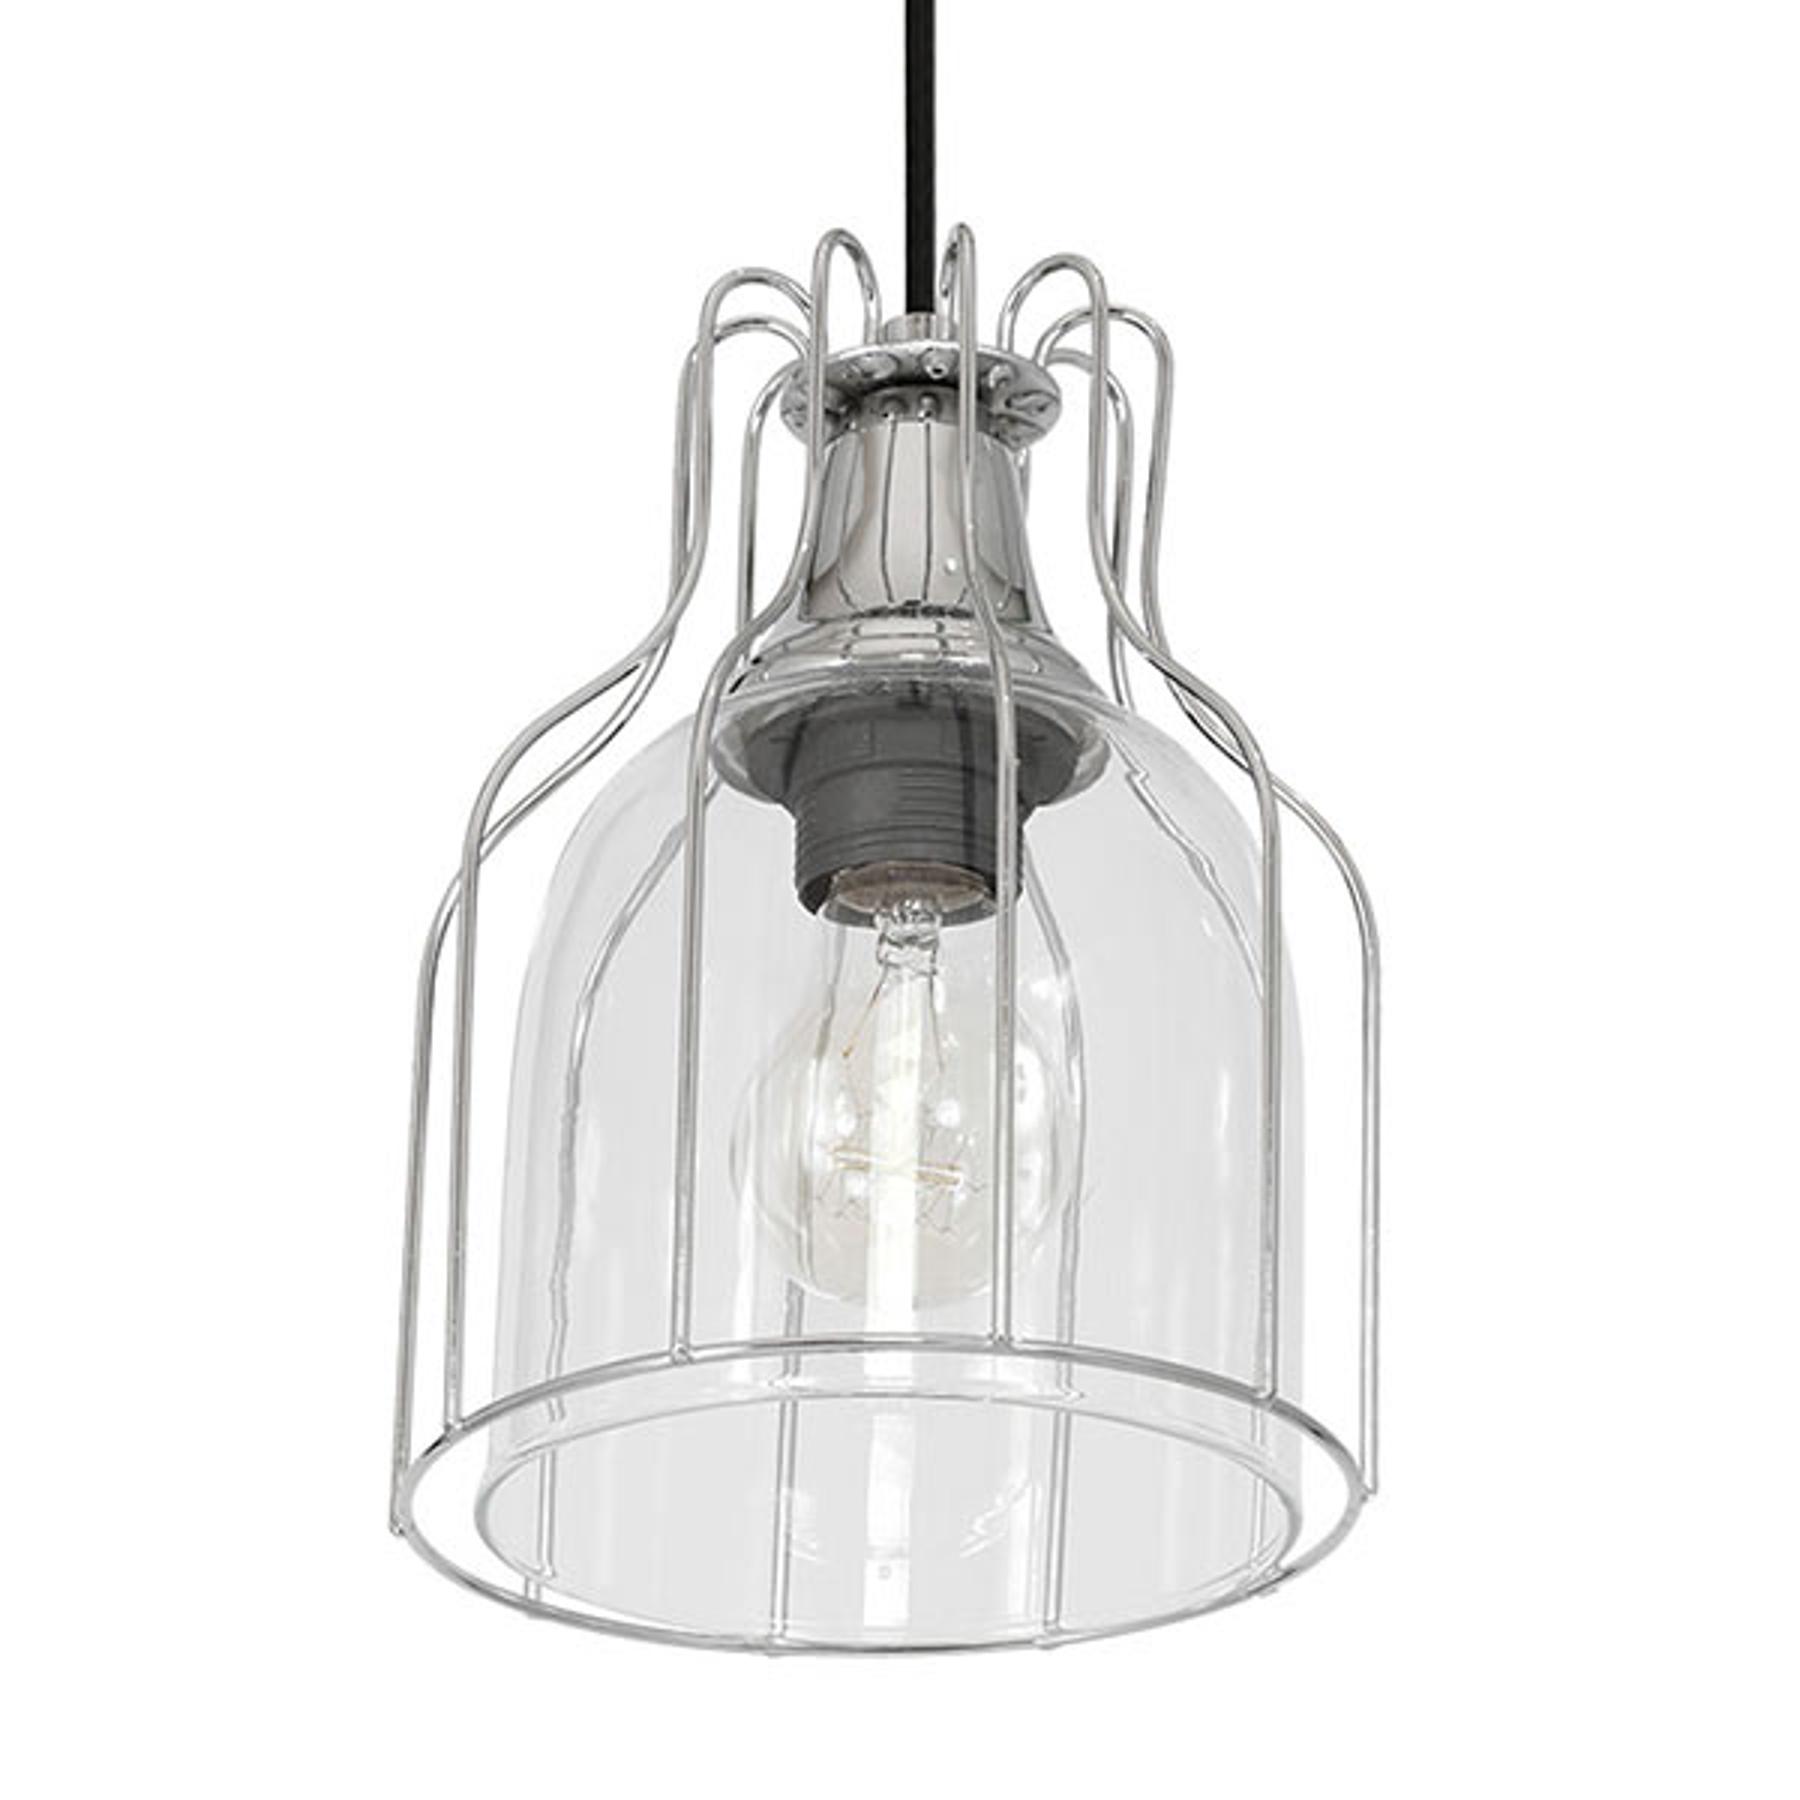 Lampa wisząca Aria 1-pkt. przezroczysta/czarna